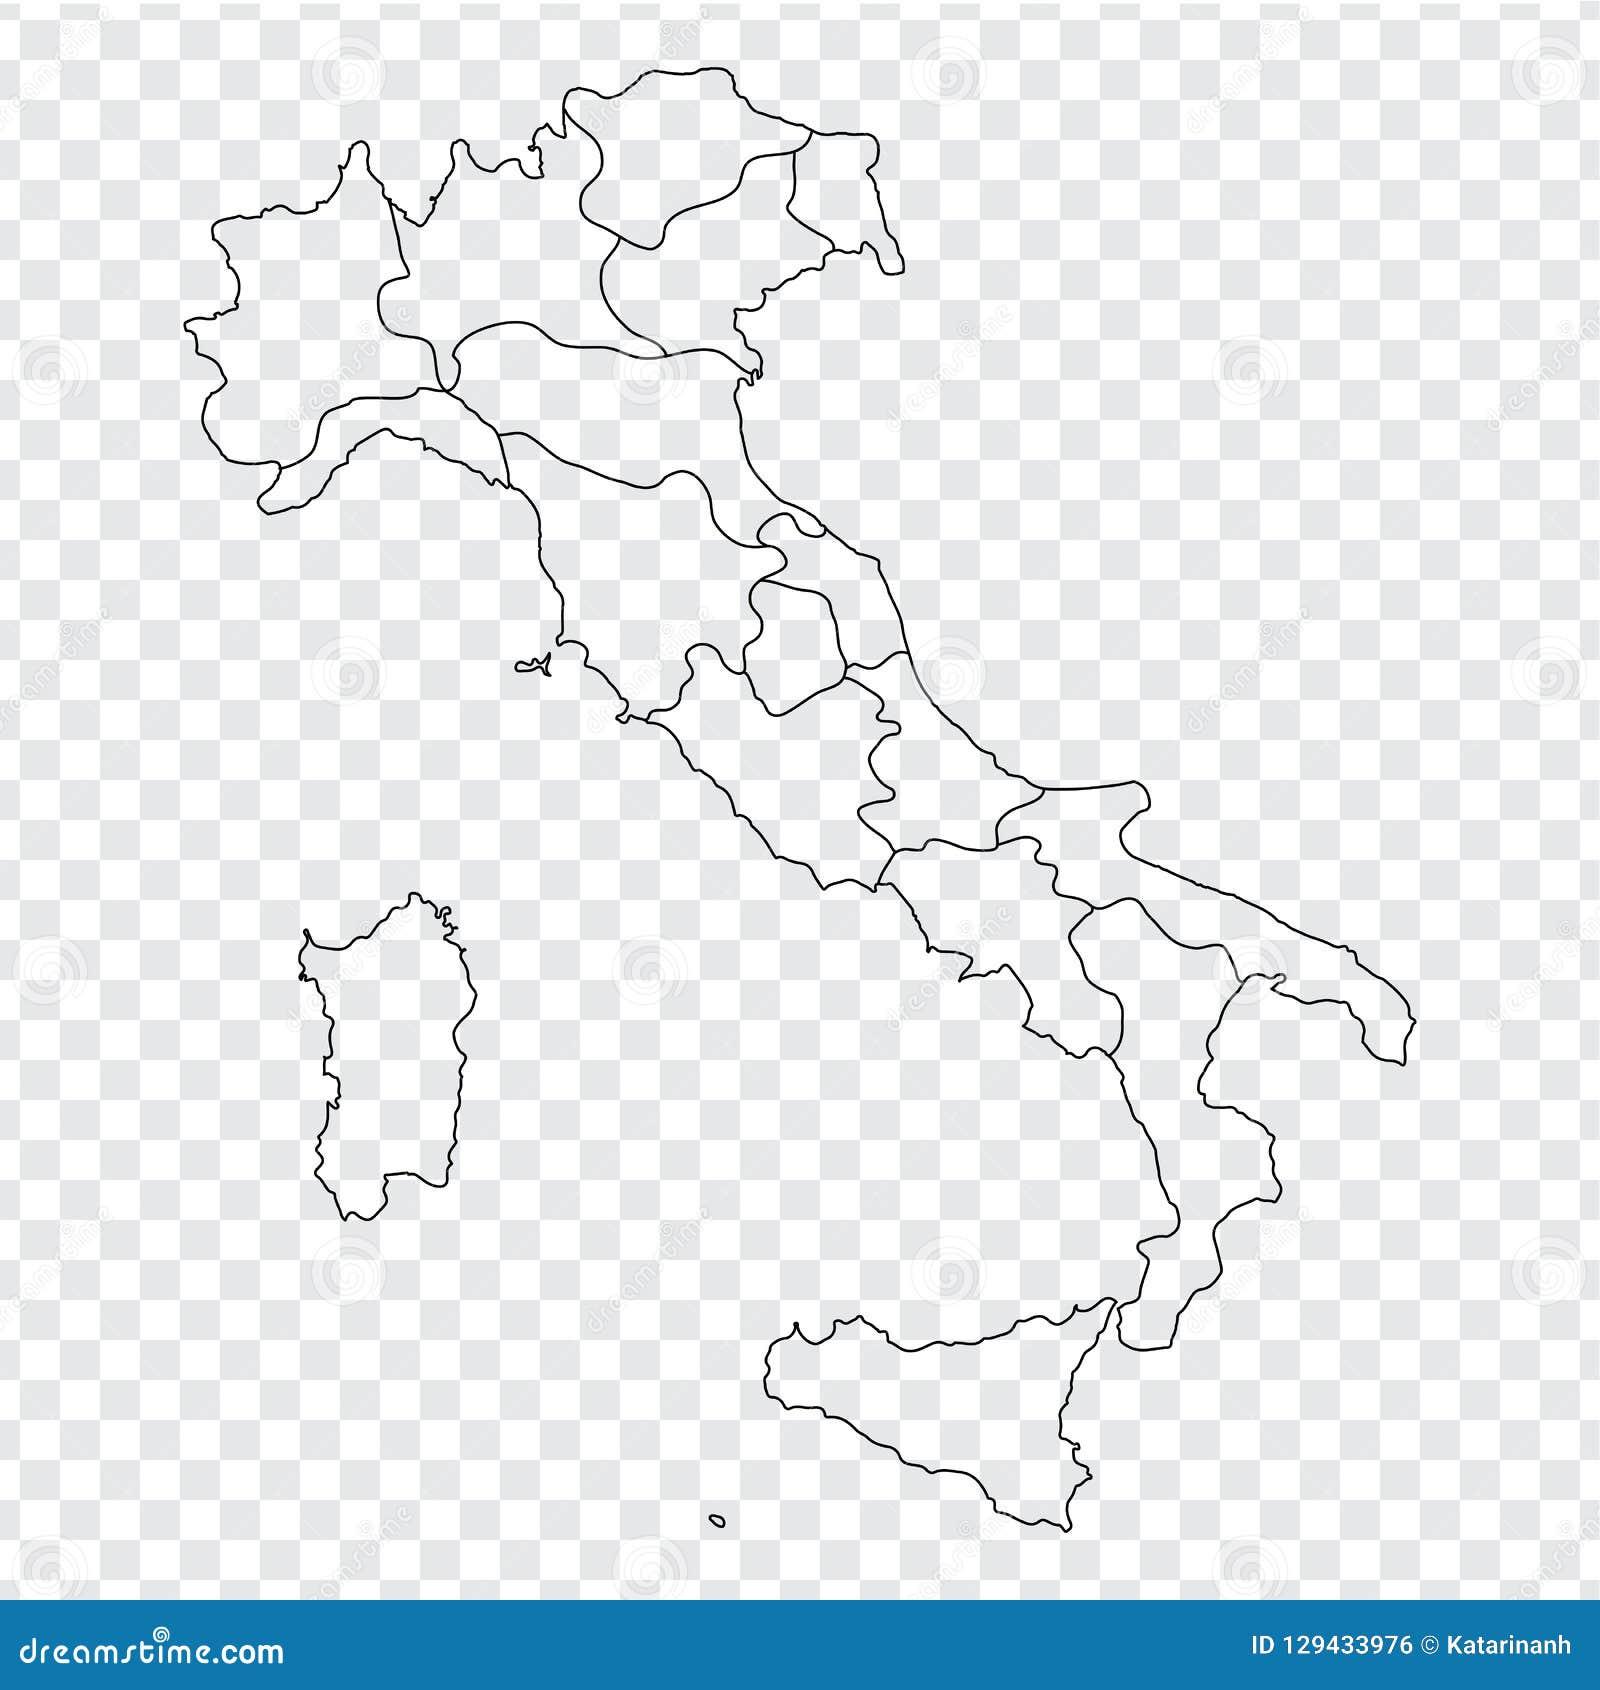 Cartina Italia E Province.Mappa In Bianco Italia Mappa Italia Di Alta Qualita Con Le Province Su Fondo Trasparente Per La Vostra Progettazione Del Sito Web Illustrazione Vettoriale Illustrazione Di Italia Geografico 129433976